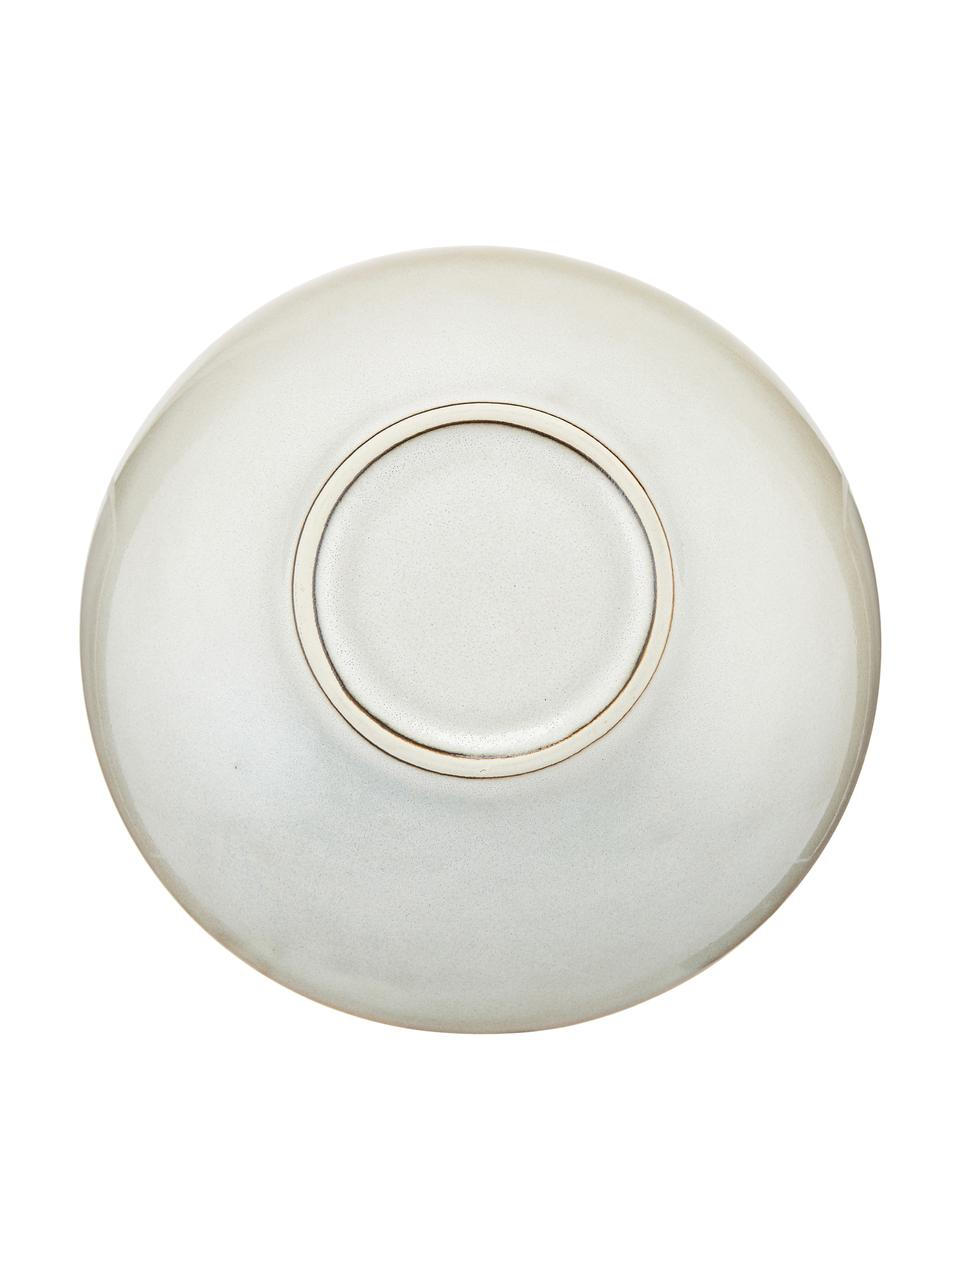 Handgemachte Steingut-Suppenteller Thalia in Beige, 2 Stück, Steingut, Beige, Ø 22 x H 6 cm